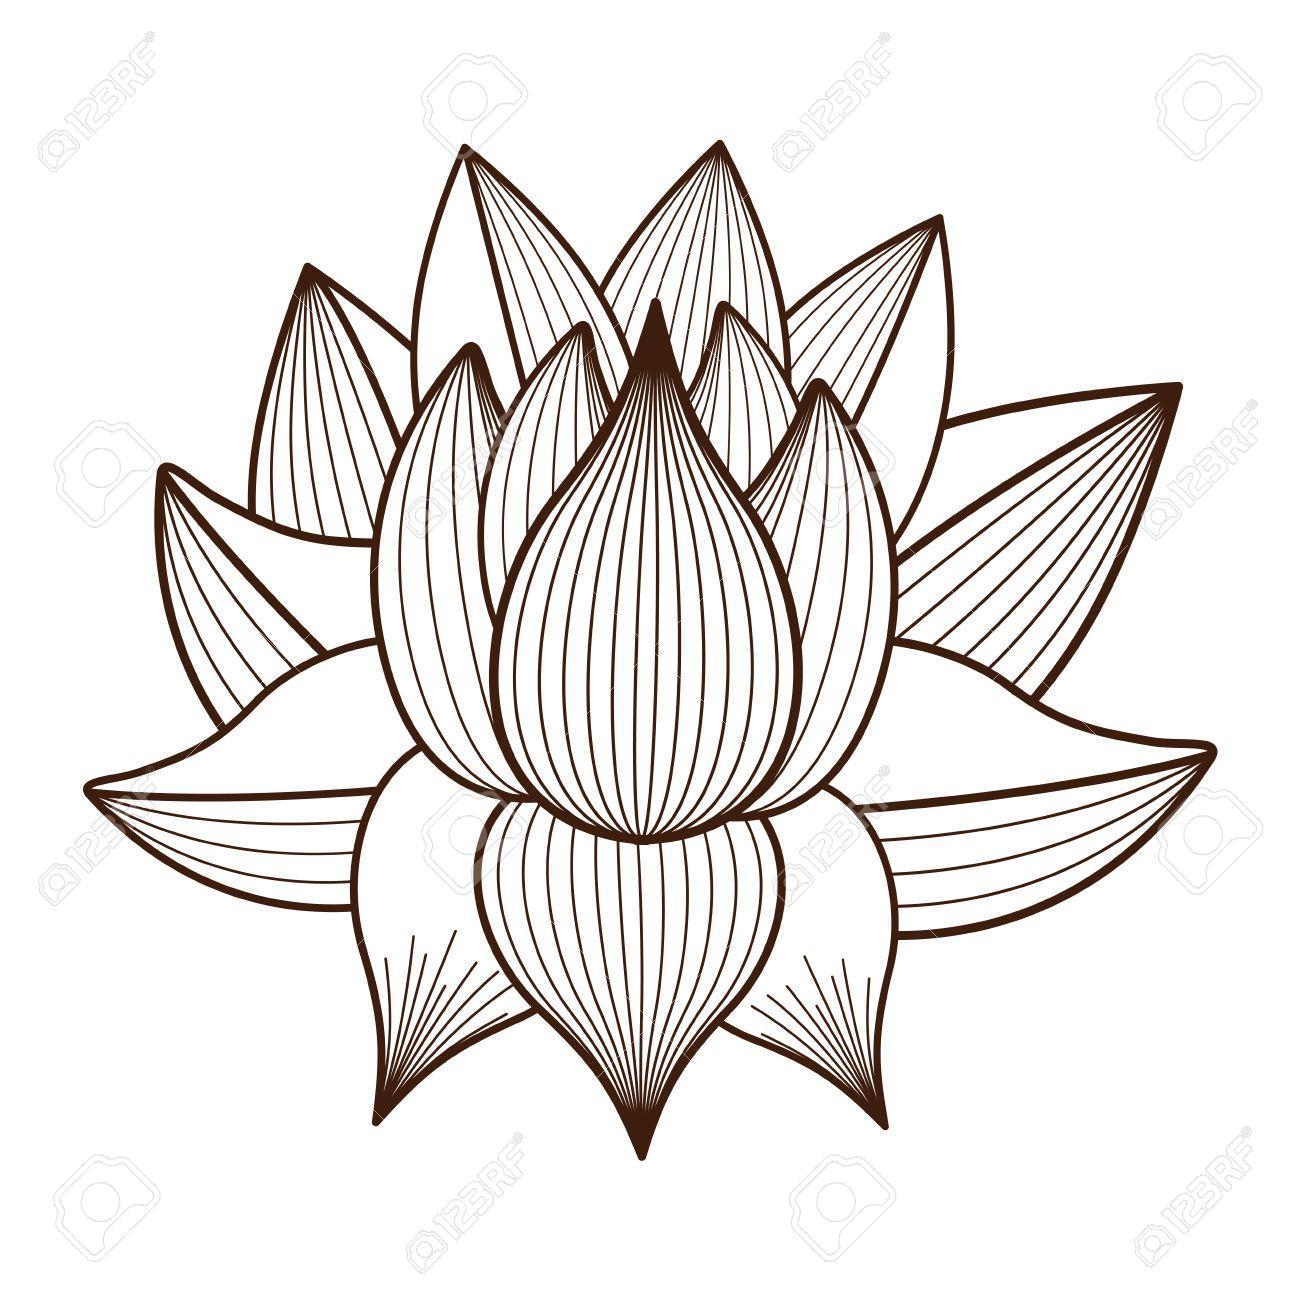 Dessin De Fleur De Lotus Icône Isolé Design Vecteur Illustration